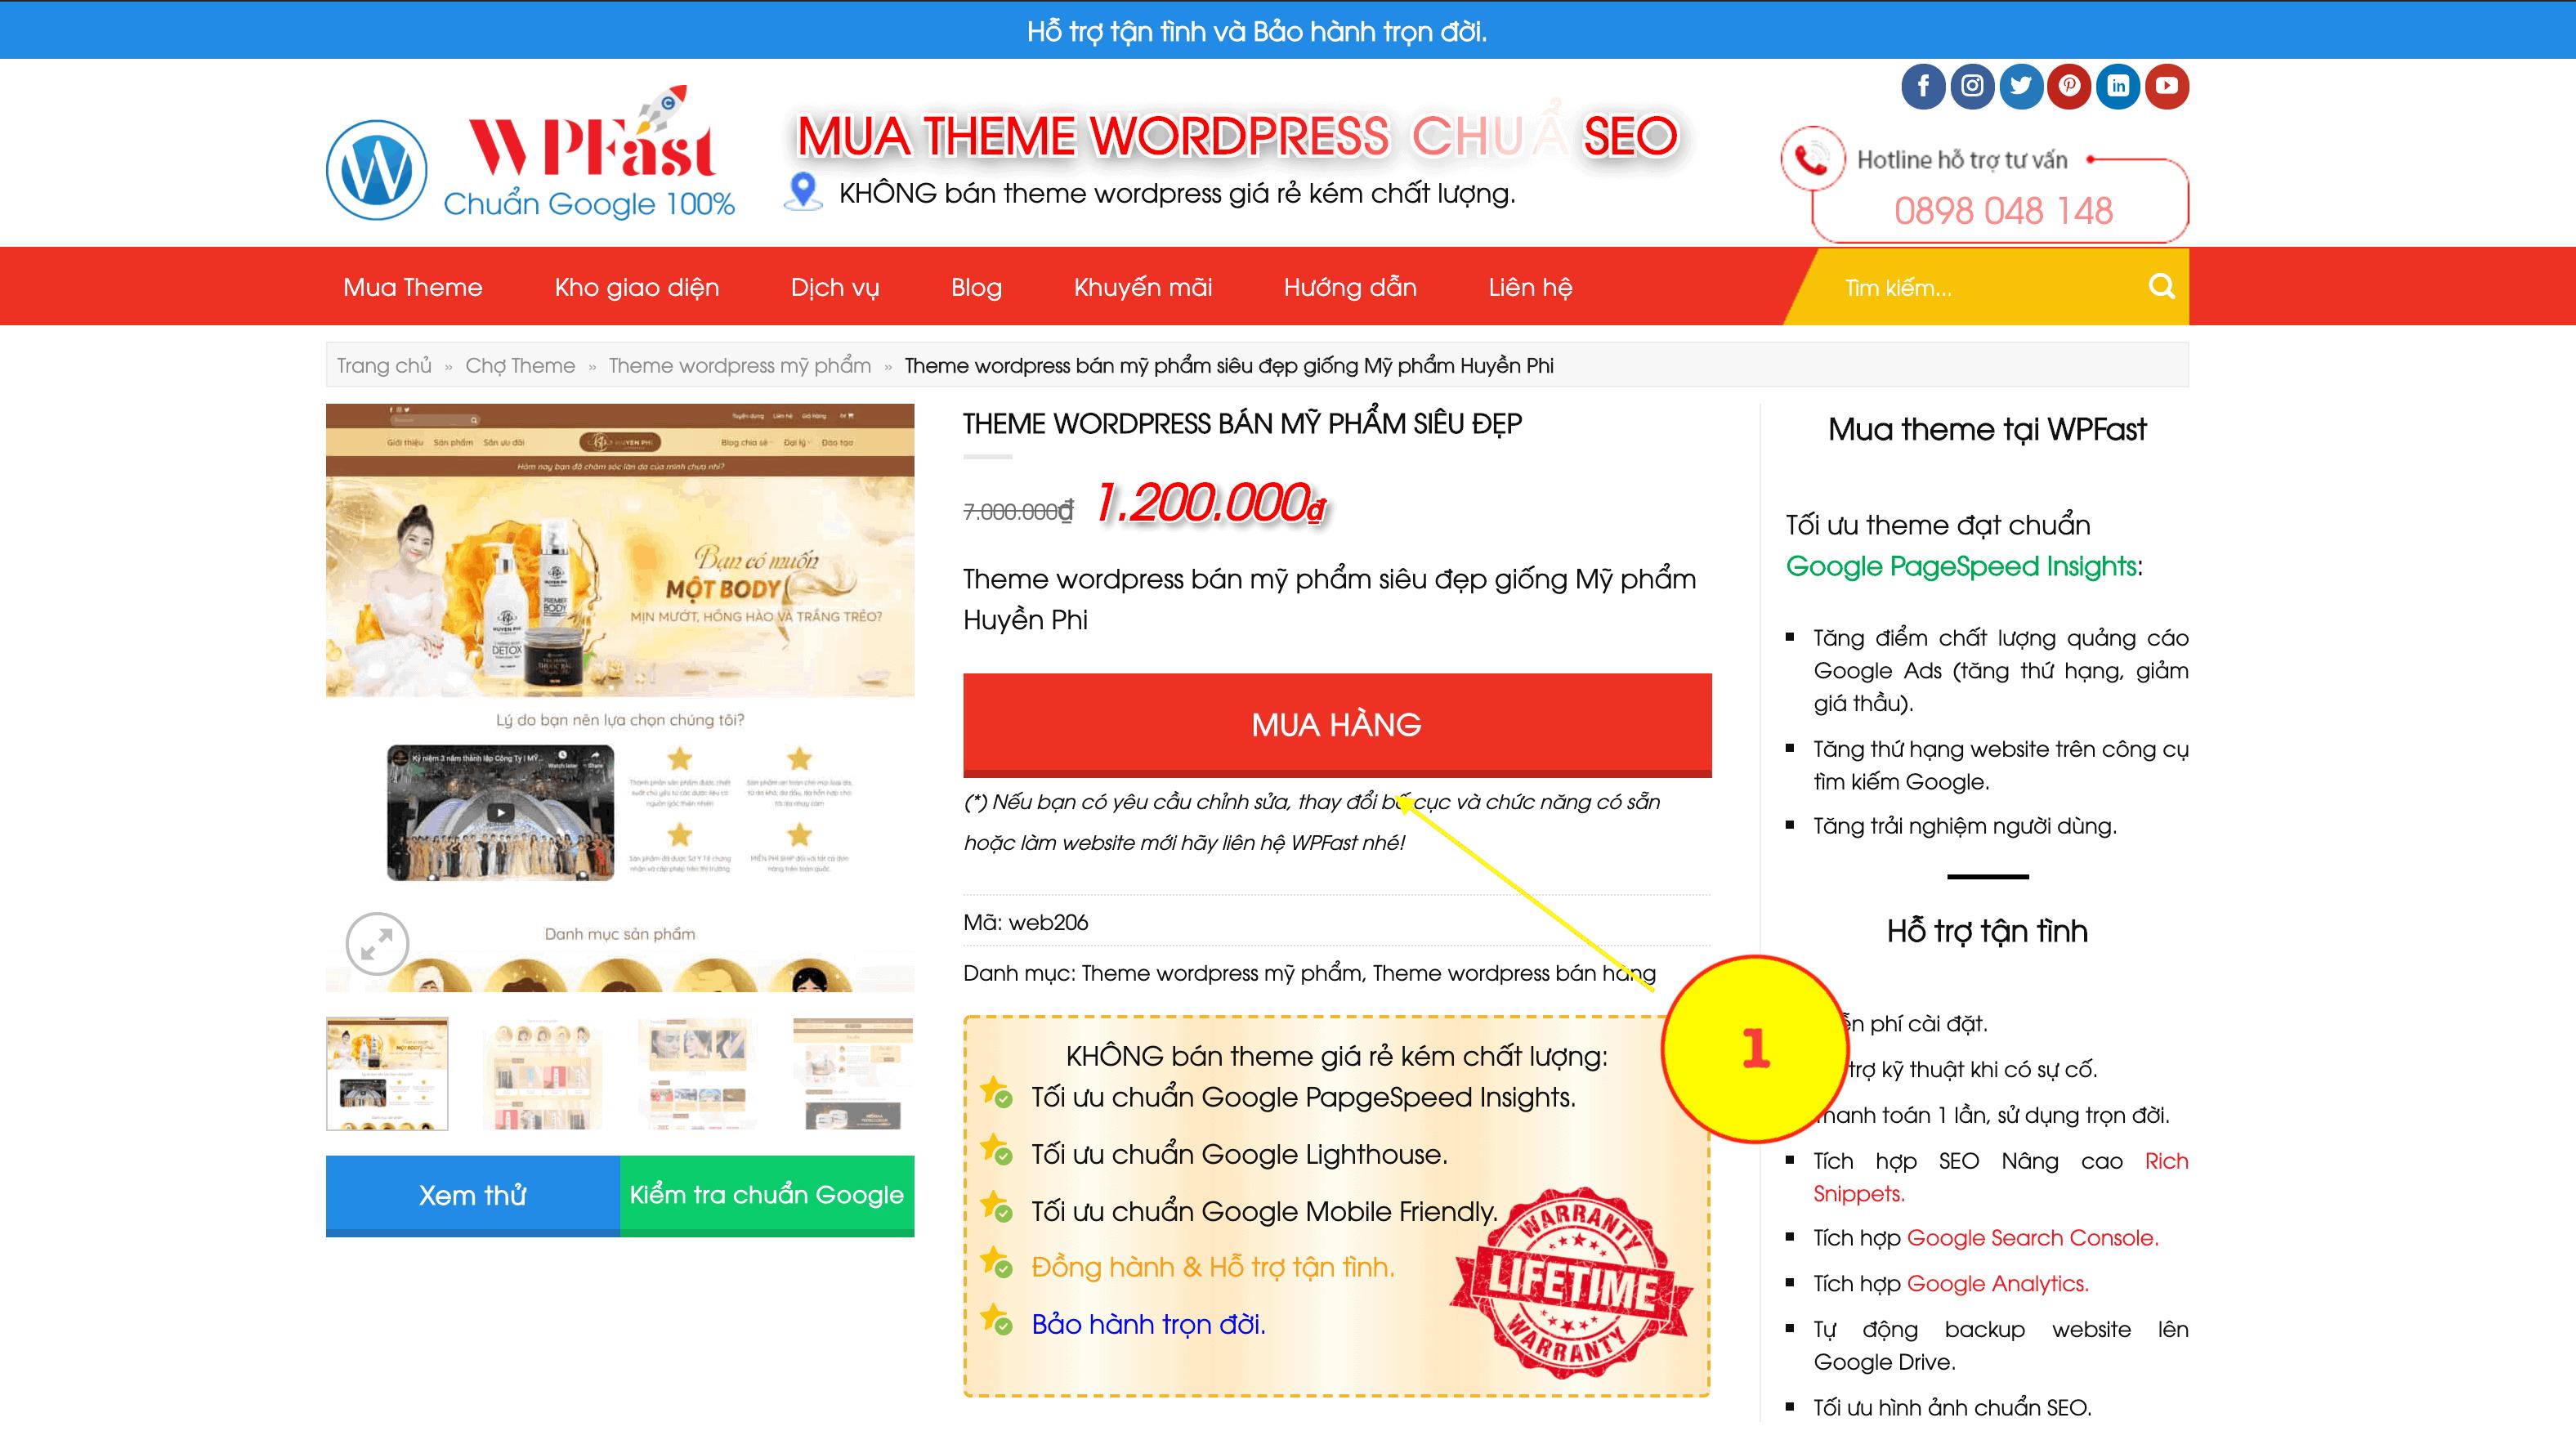 Bước 1: Chọn theme wordpress cần mua